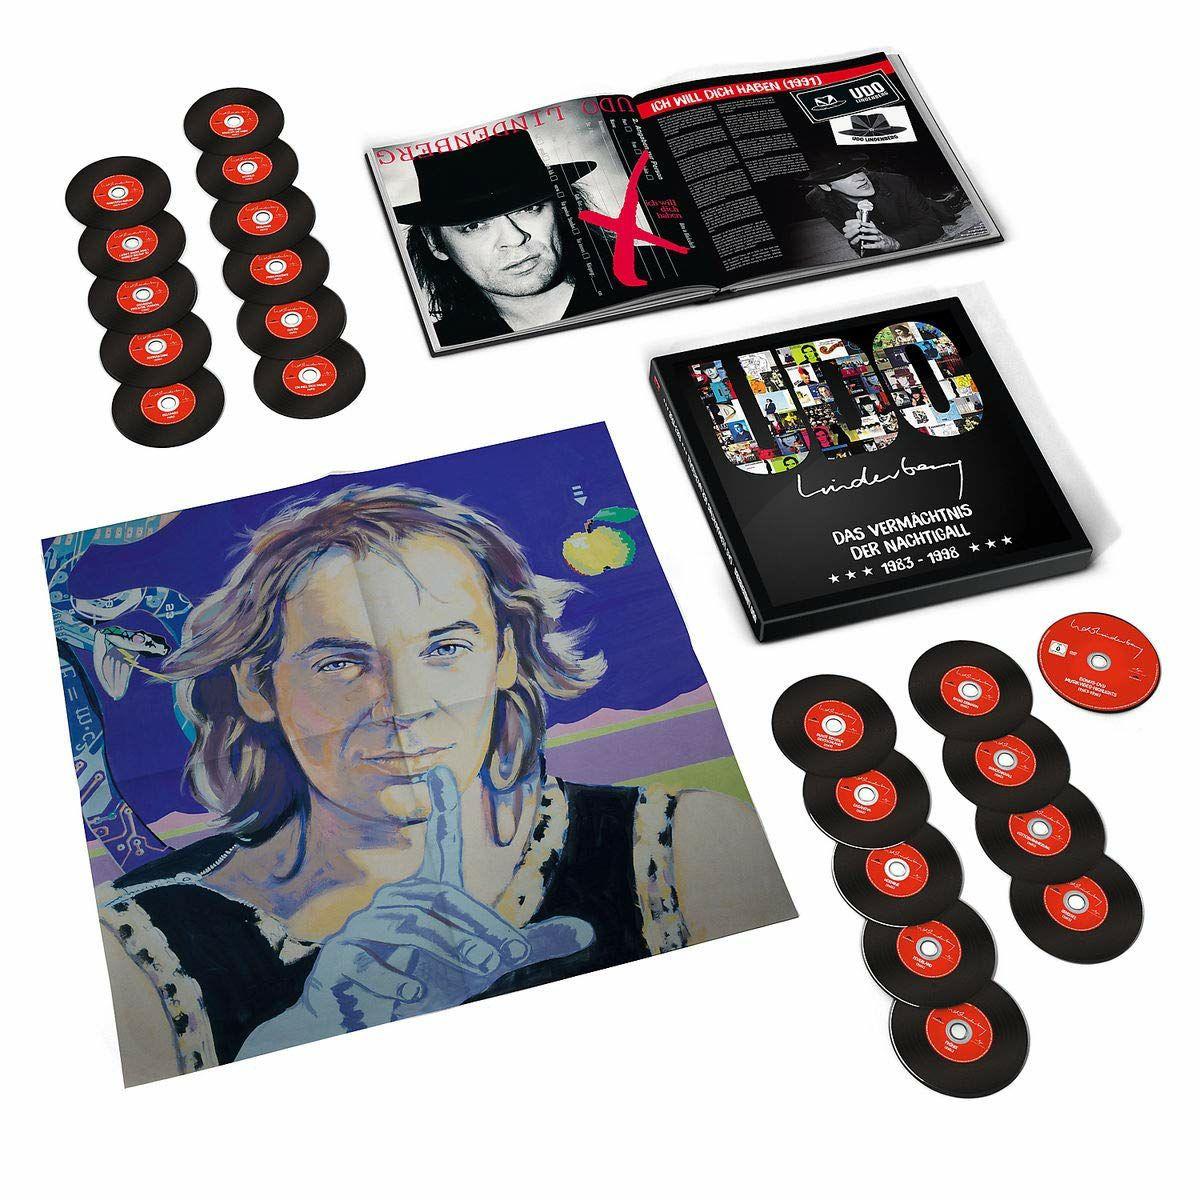 Udo Lindenberg Das Vermächtnis der Nachtigall 1983-1998 CD Box